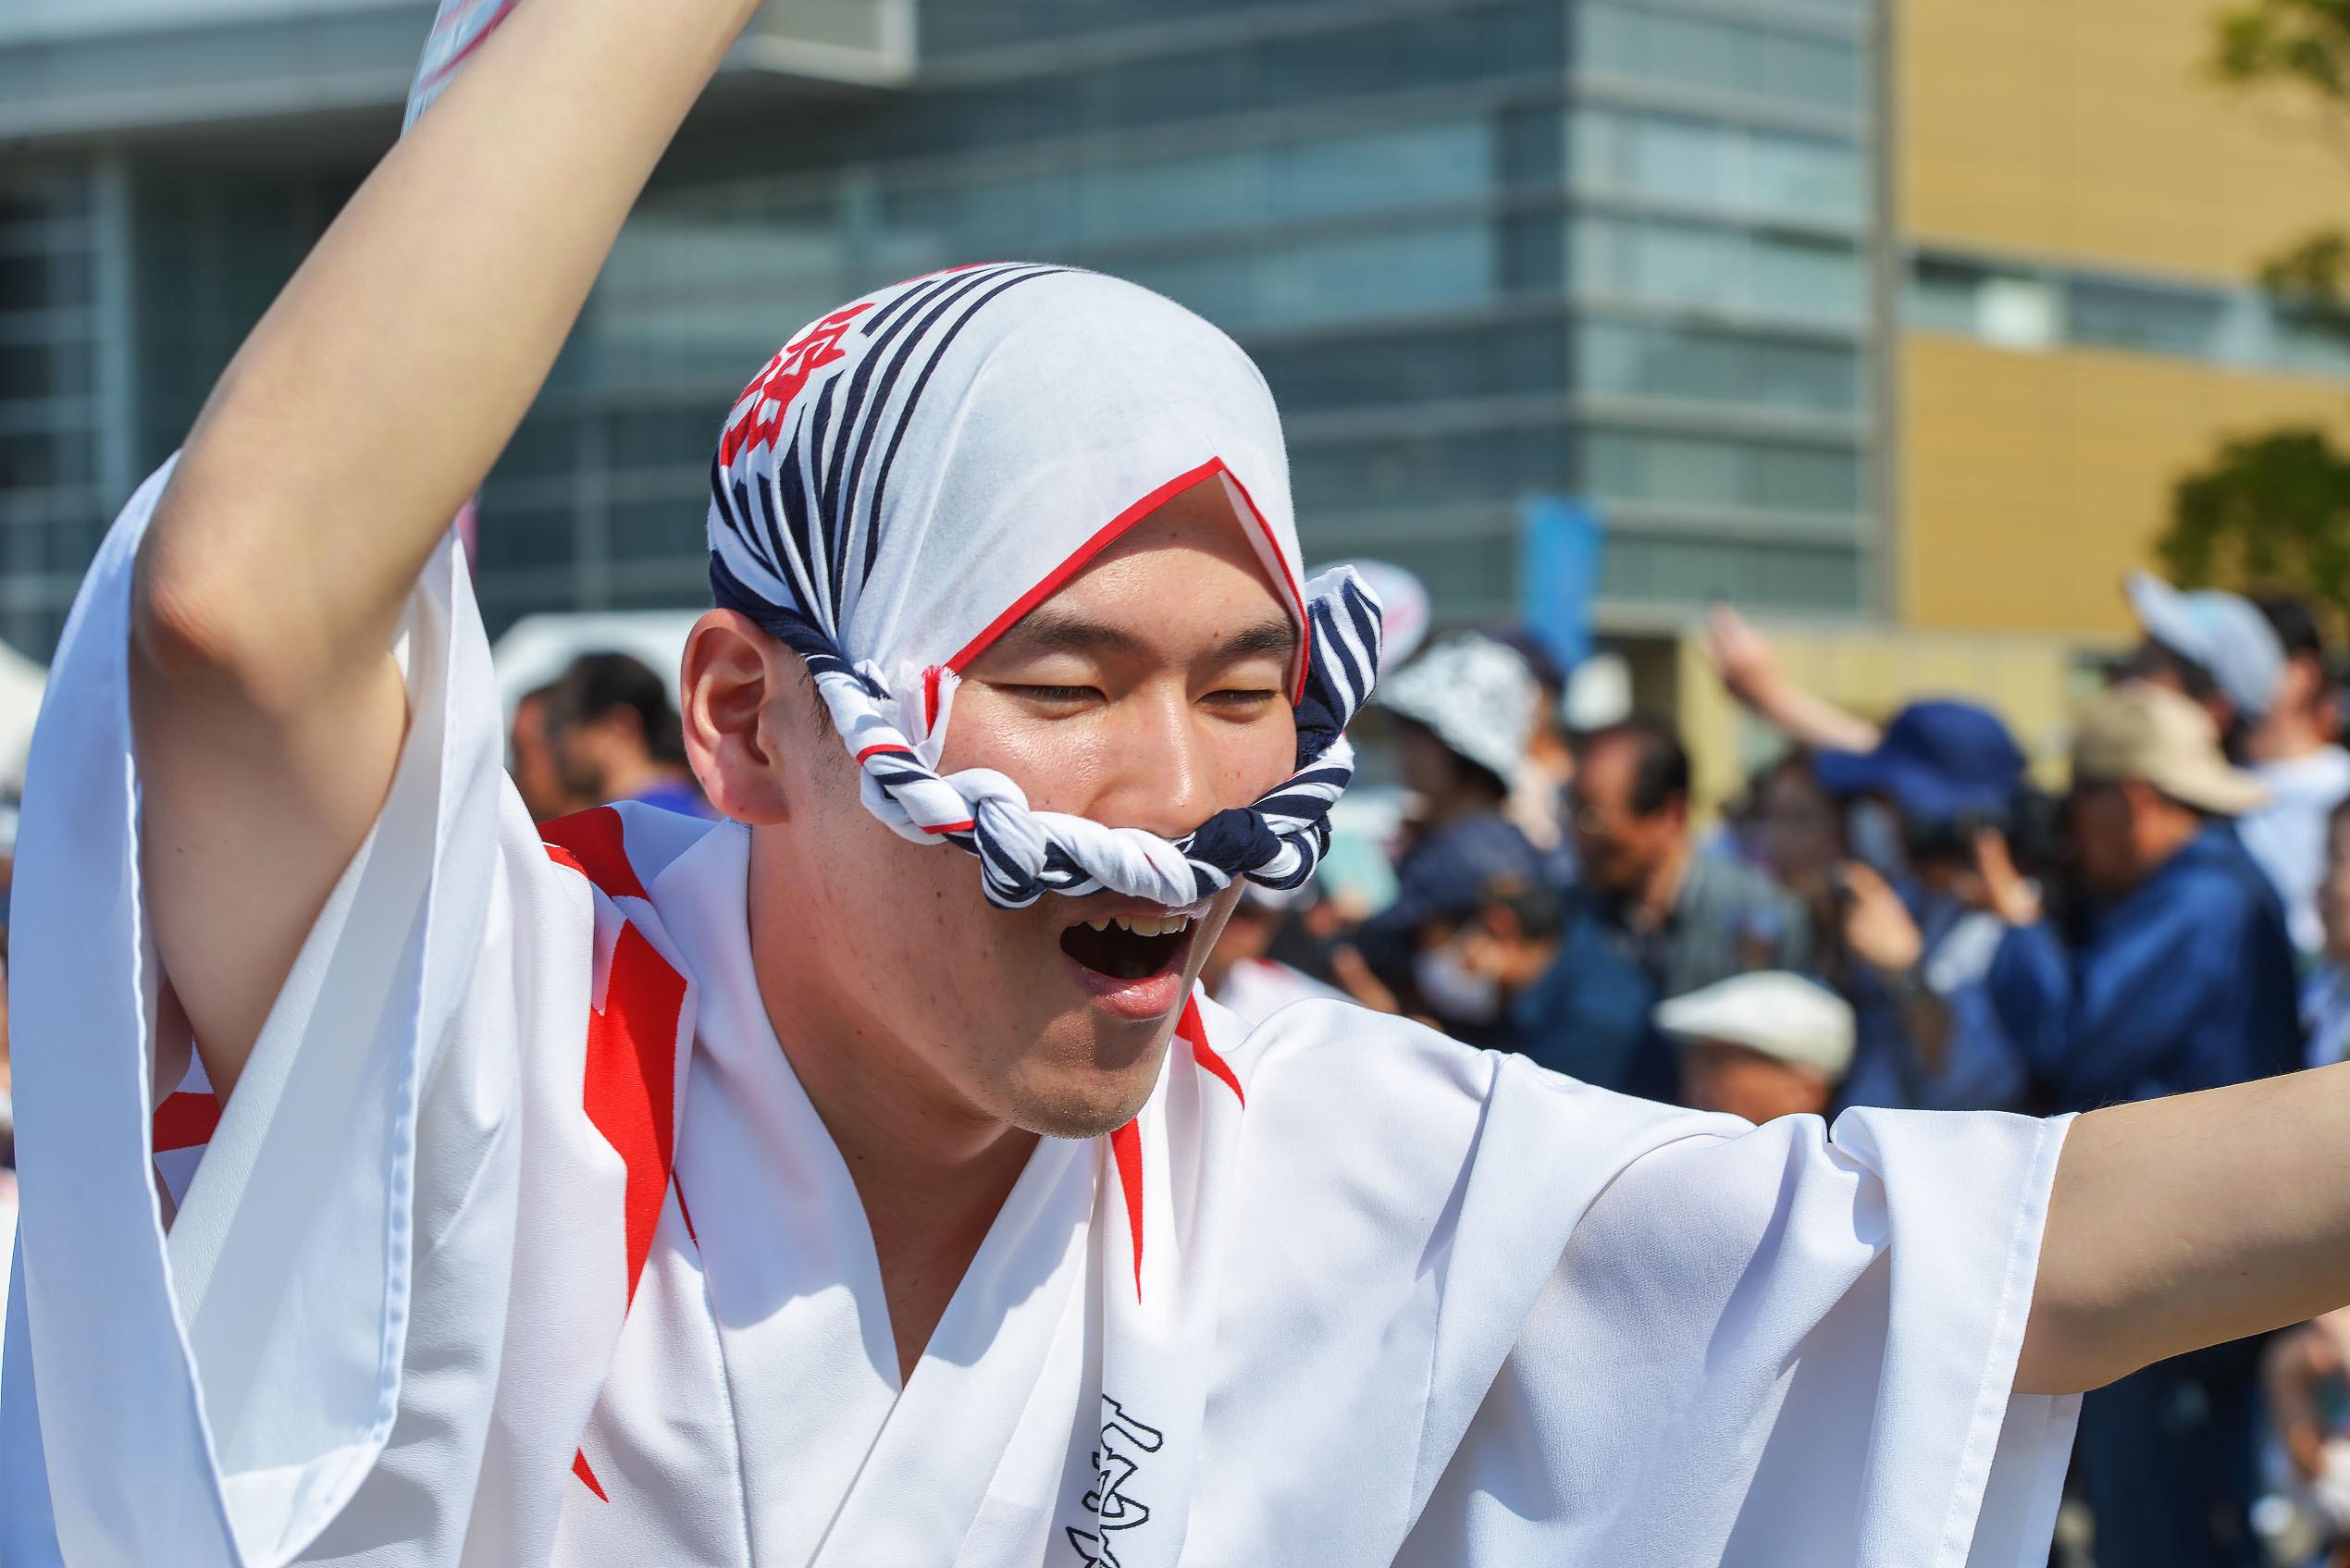 四国の祭り 2019 今年も元気よく_d0246136_00022052.jpg